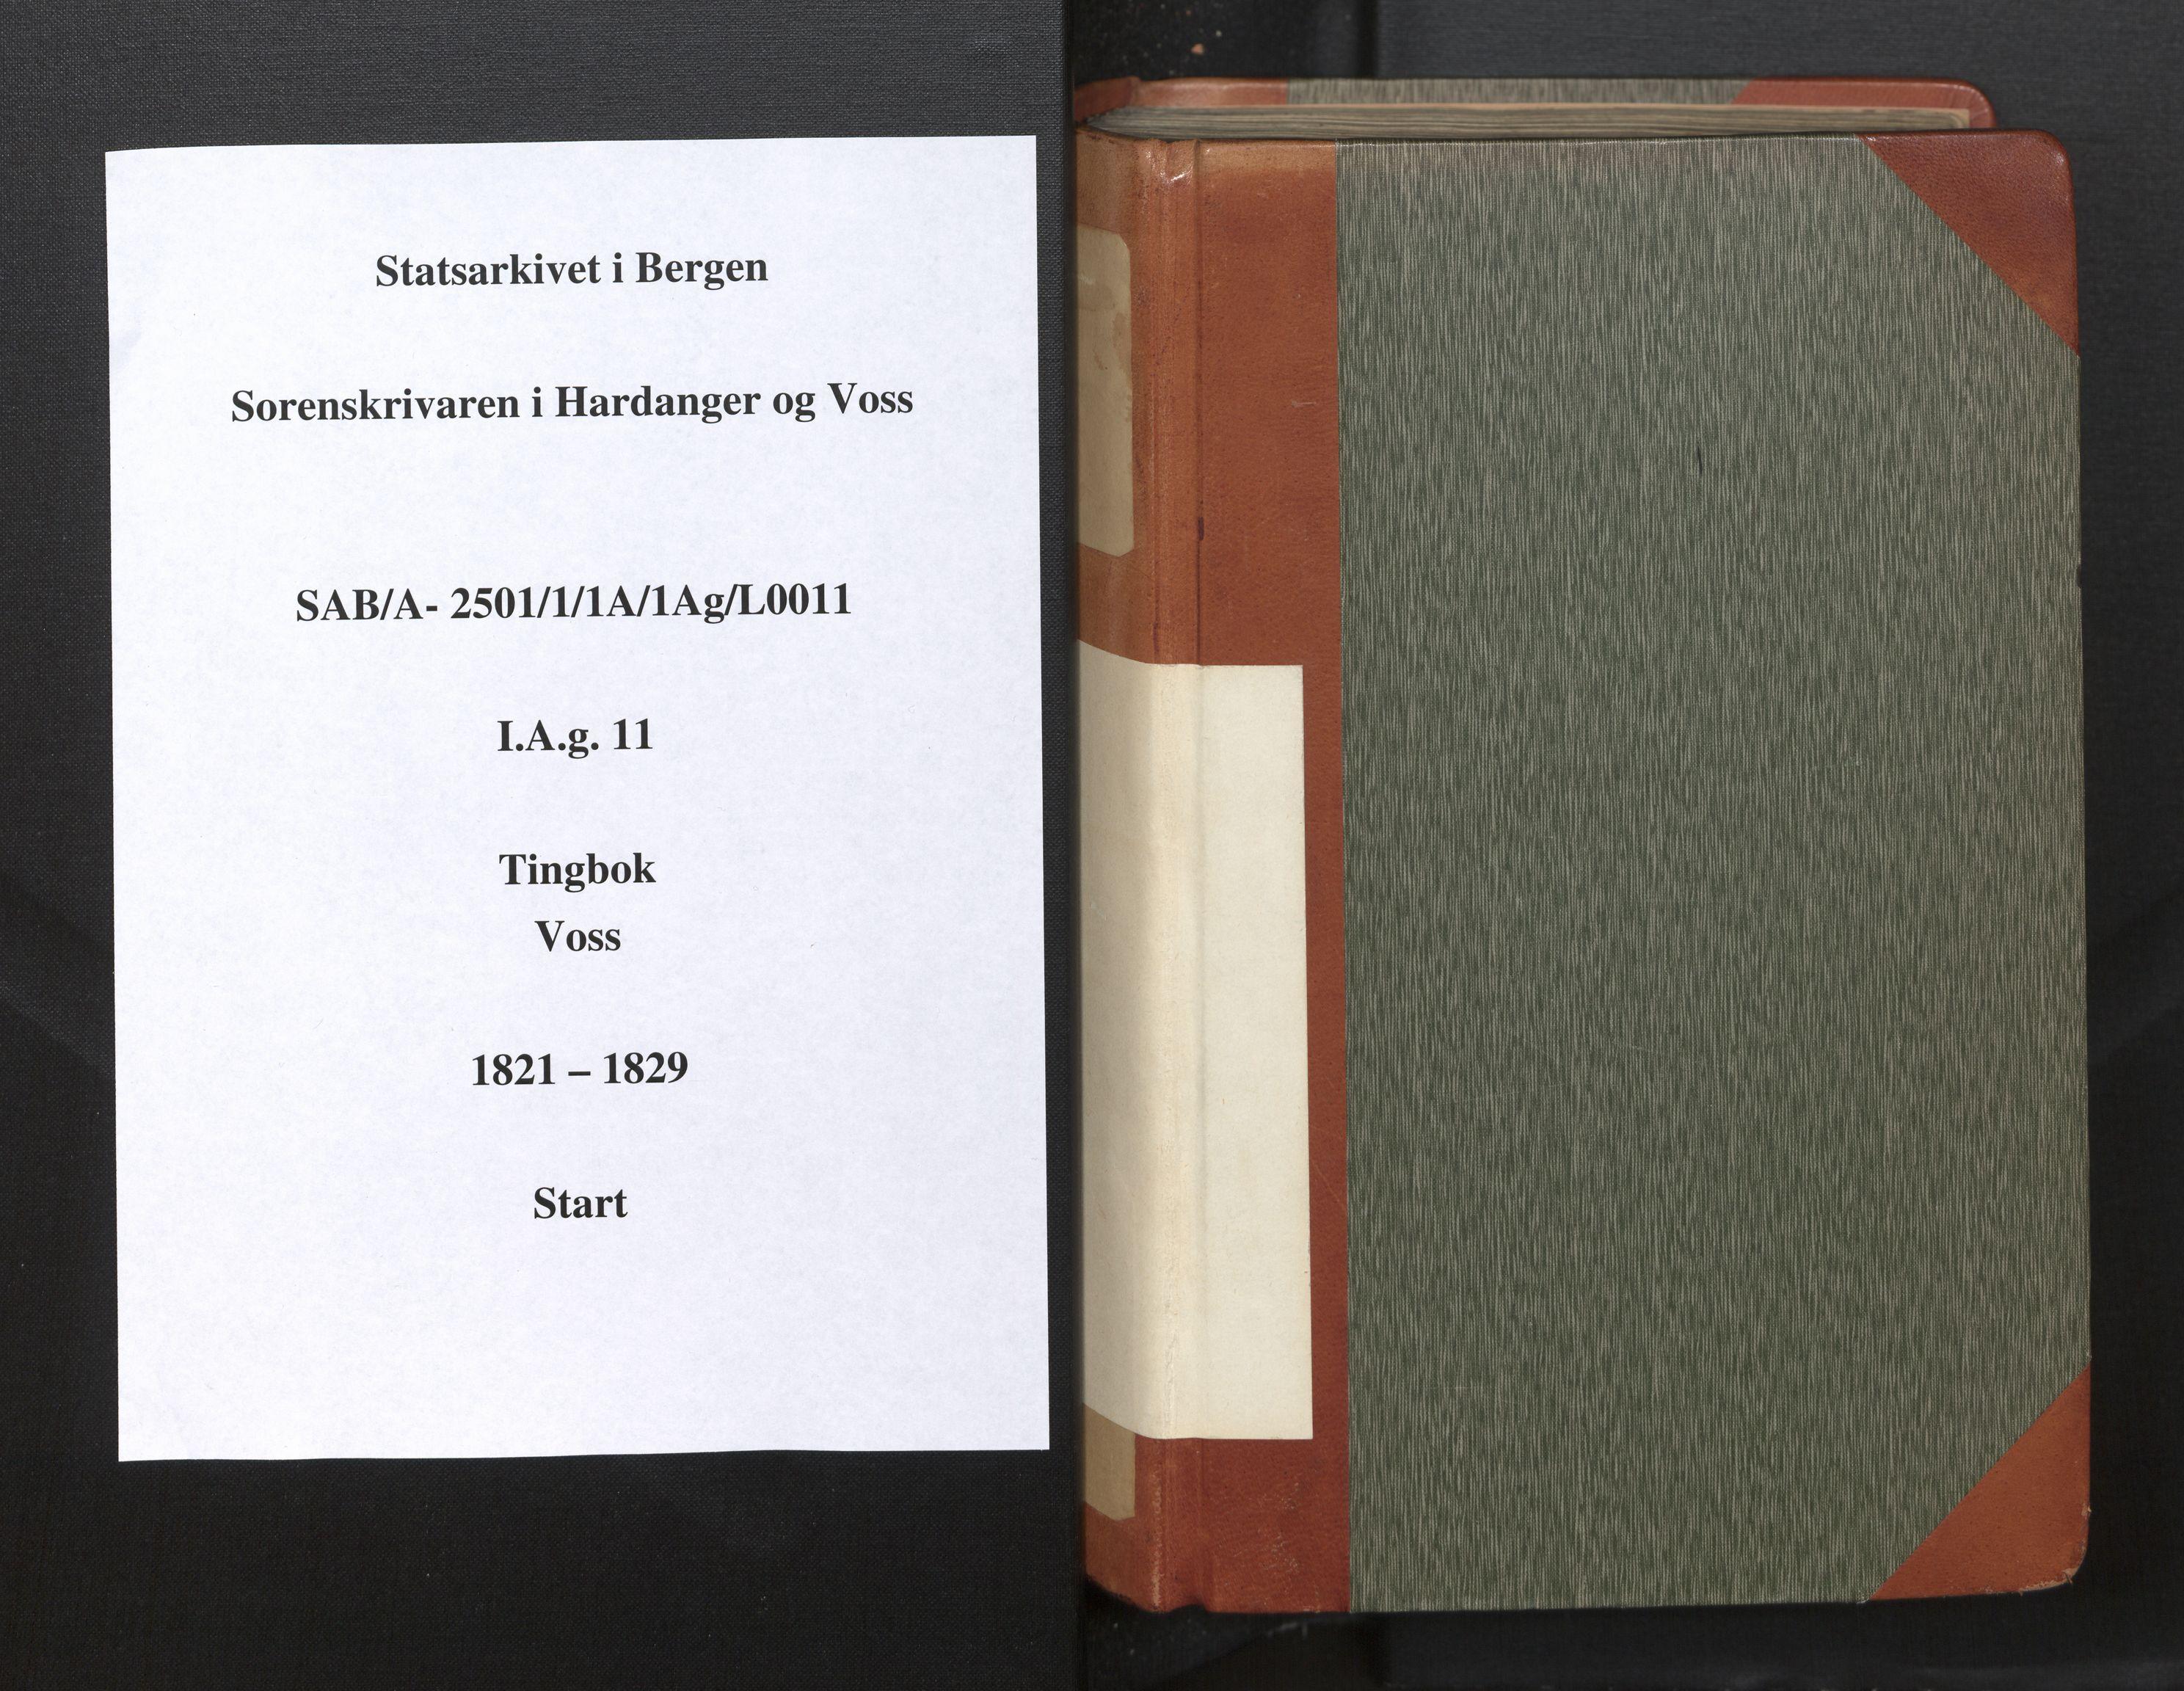 SAB, Hardanger og Voss Sorenskriveri, 1/1A/1Ag/L0011: Tingbok for Voss, 1821-1829